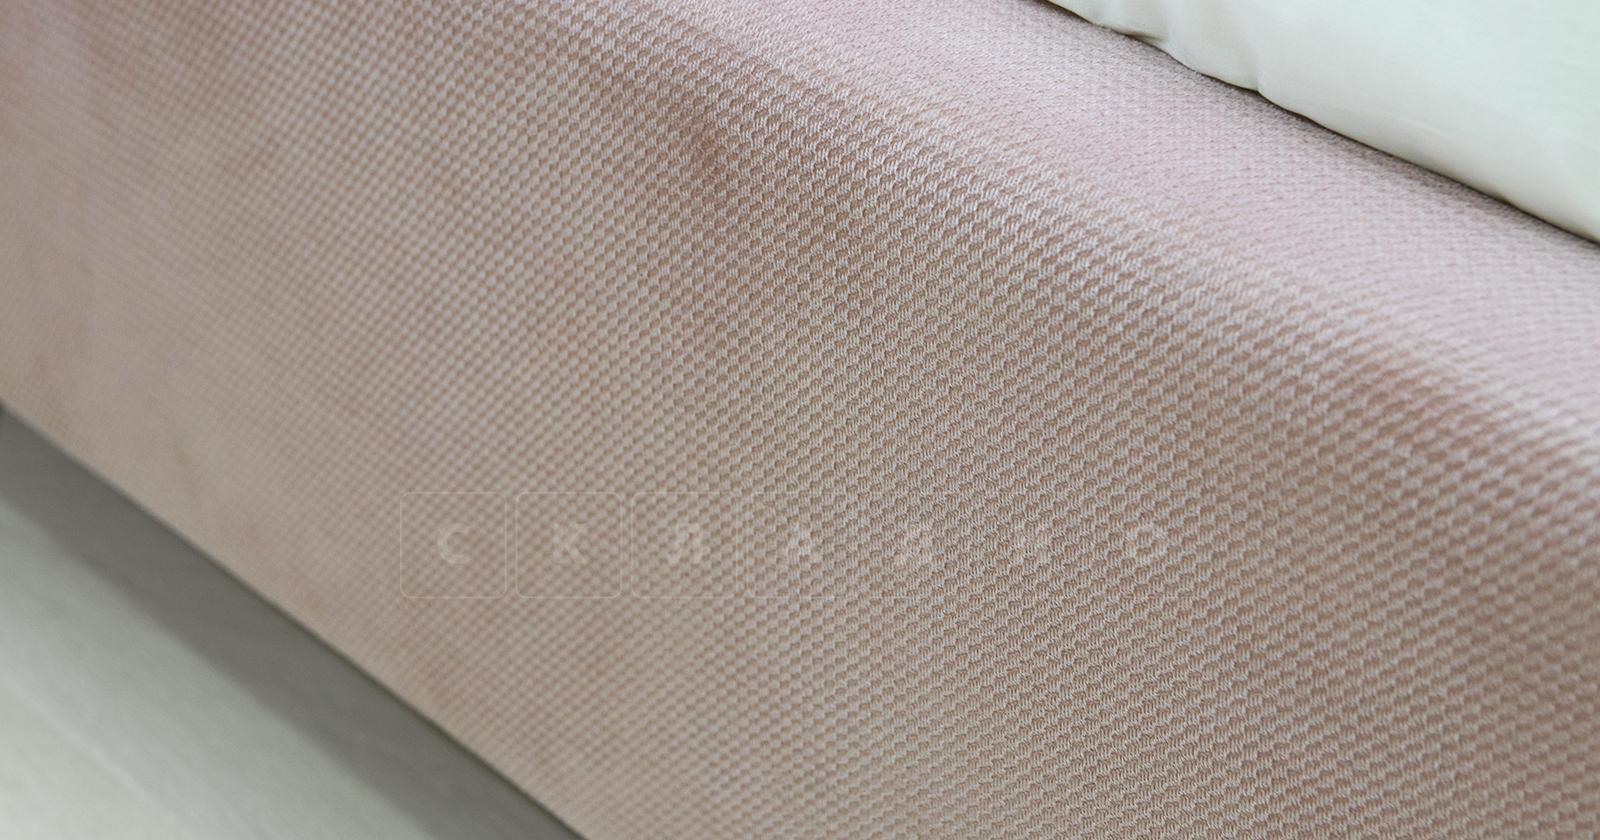 Мягкая кровать Мелисса 160 см велюр ява фото 9 | интернет-магазин Складно